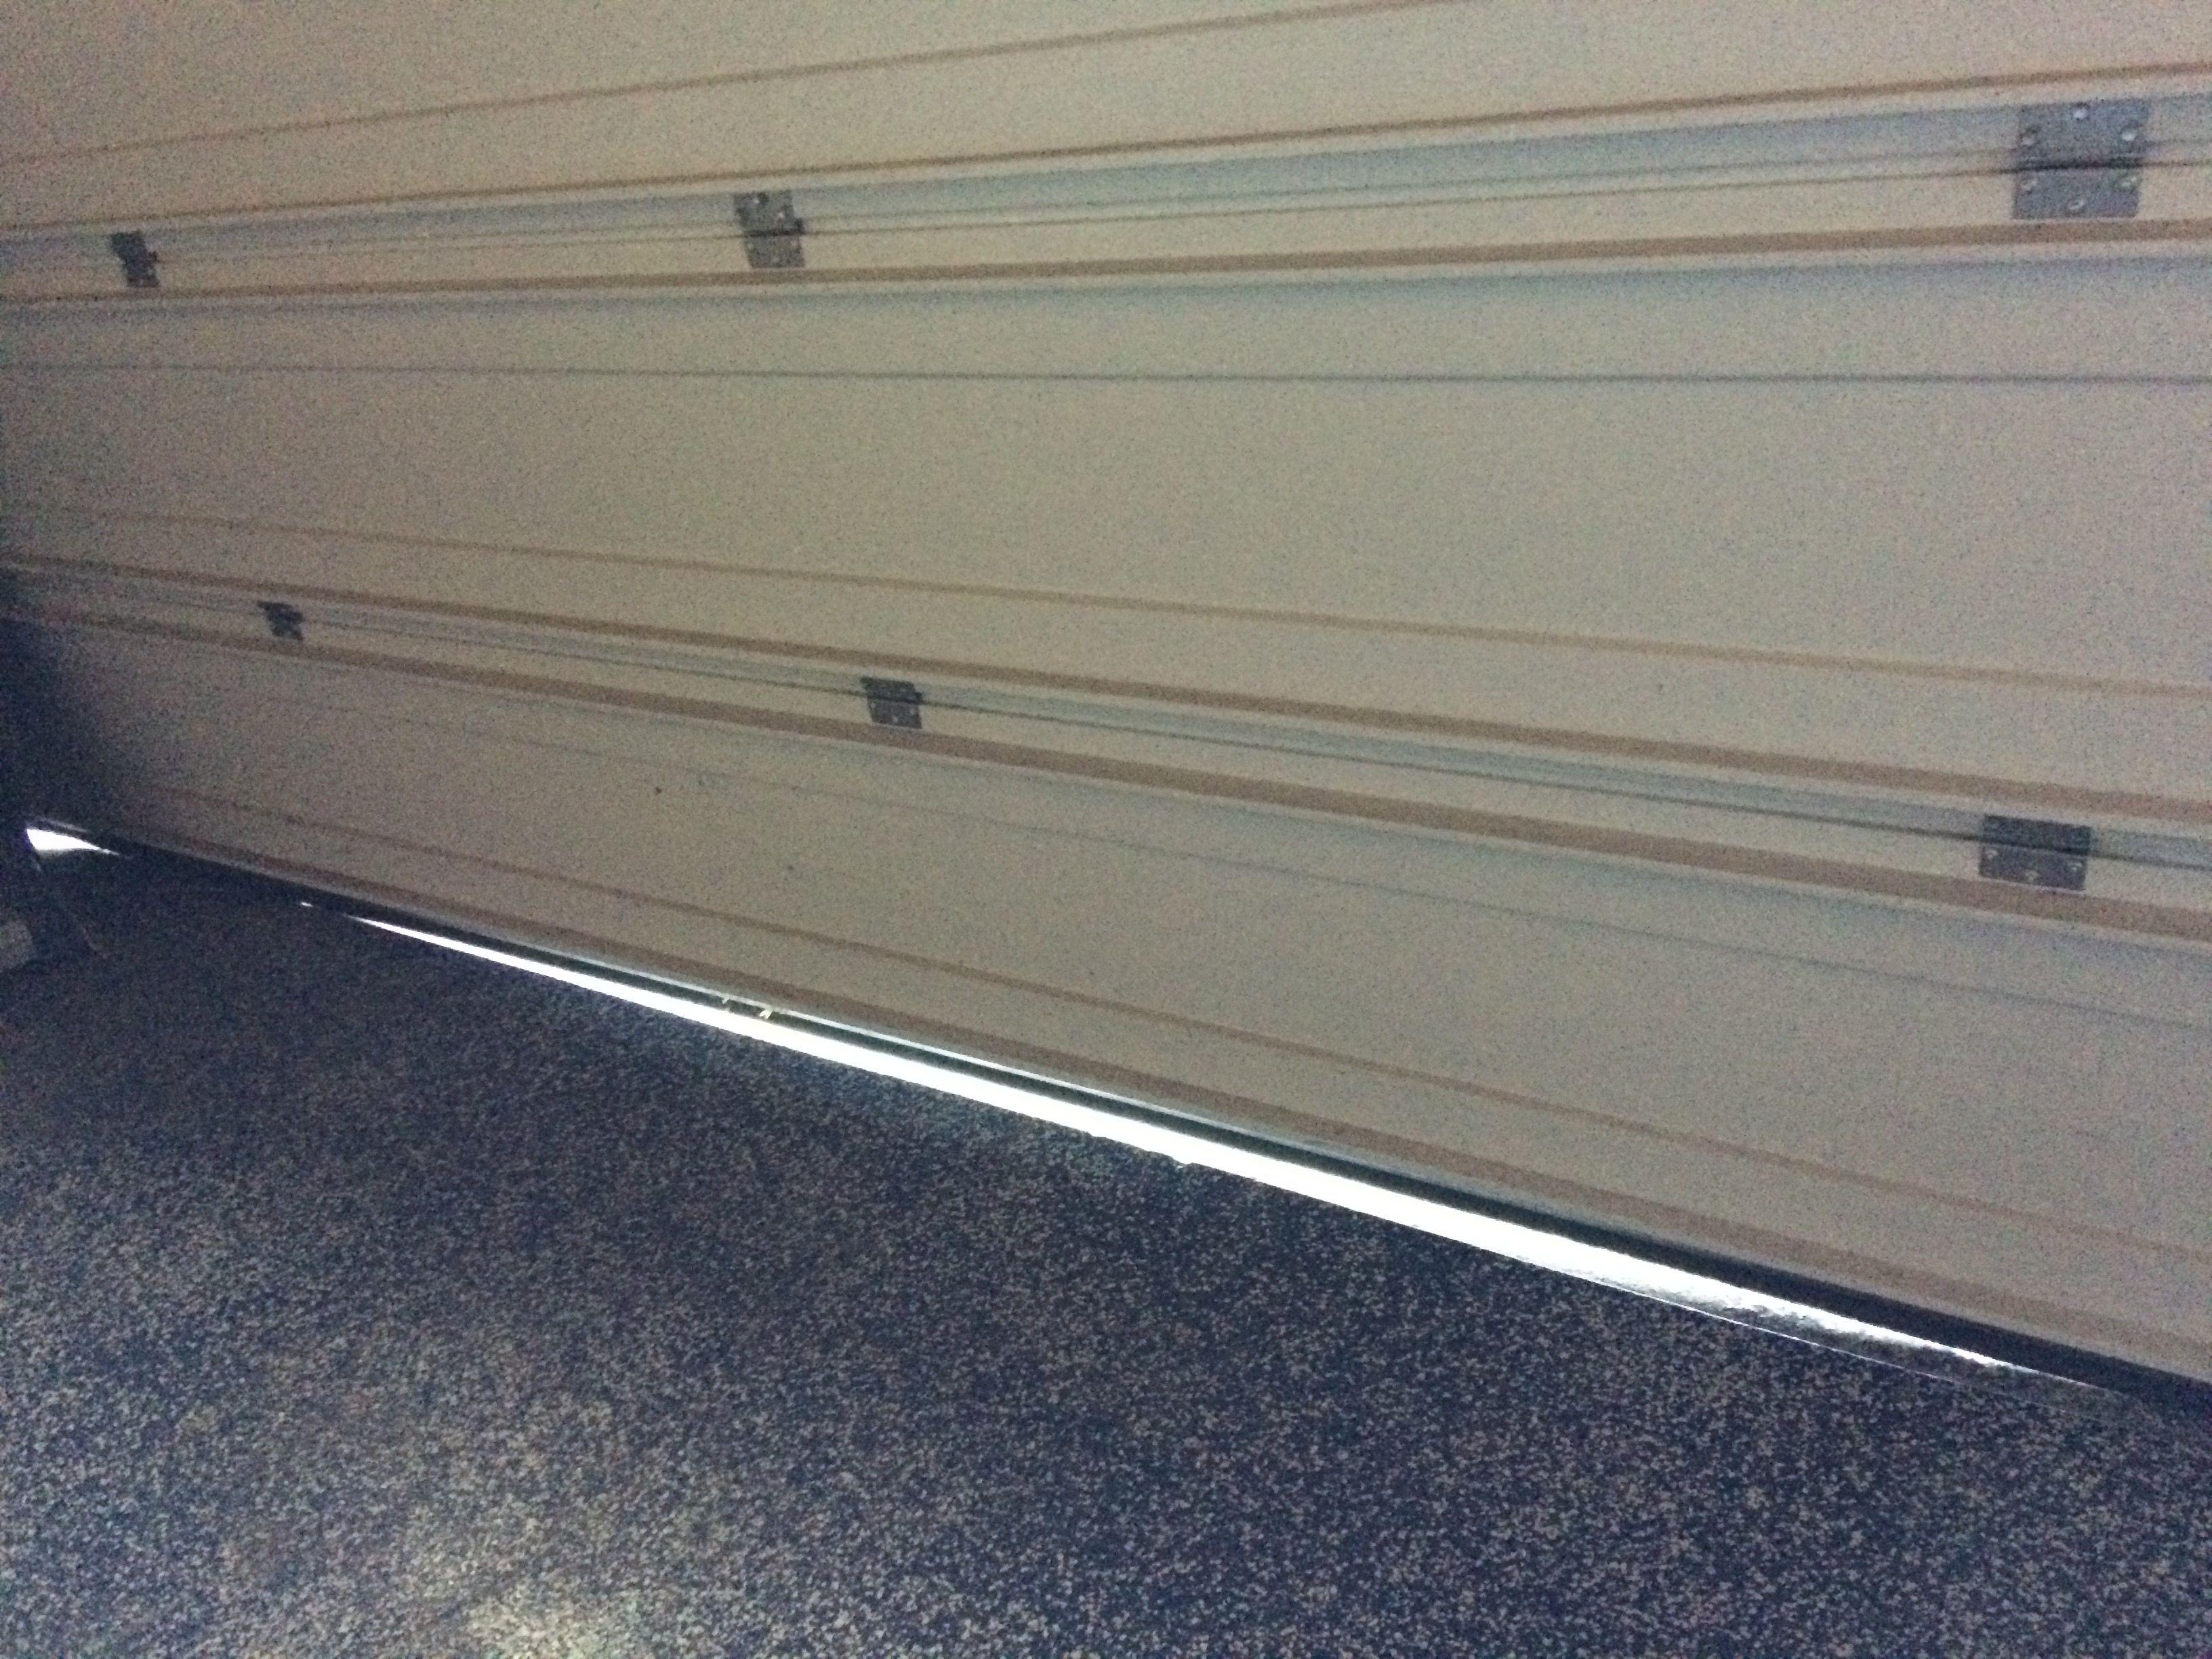 Uneven floor under garage door httpvoteno123 pinterest uneven floor under garage door rubansaba